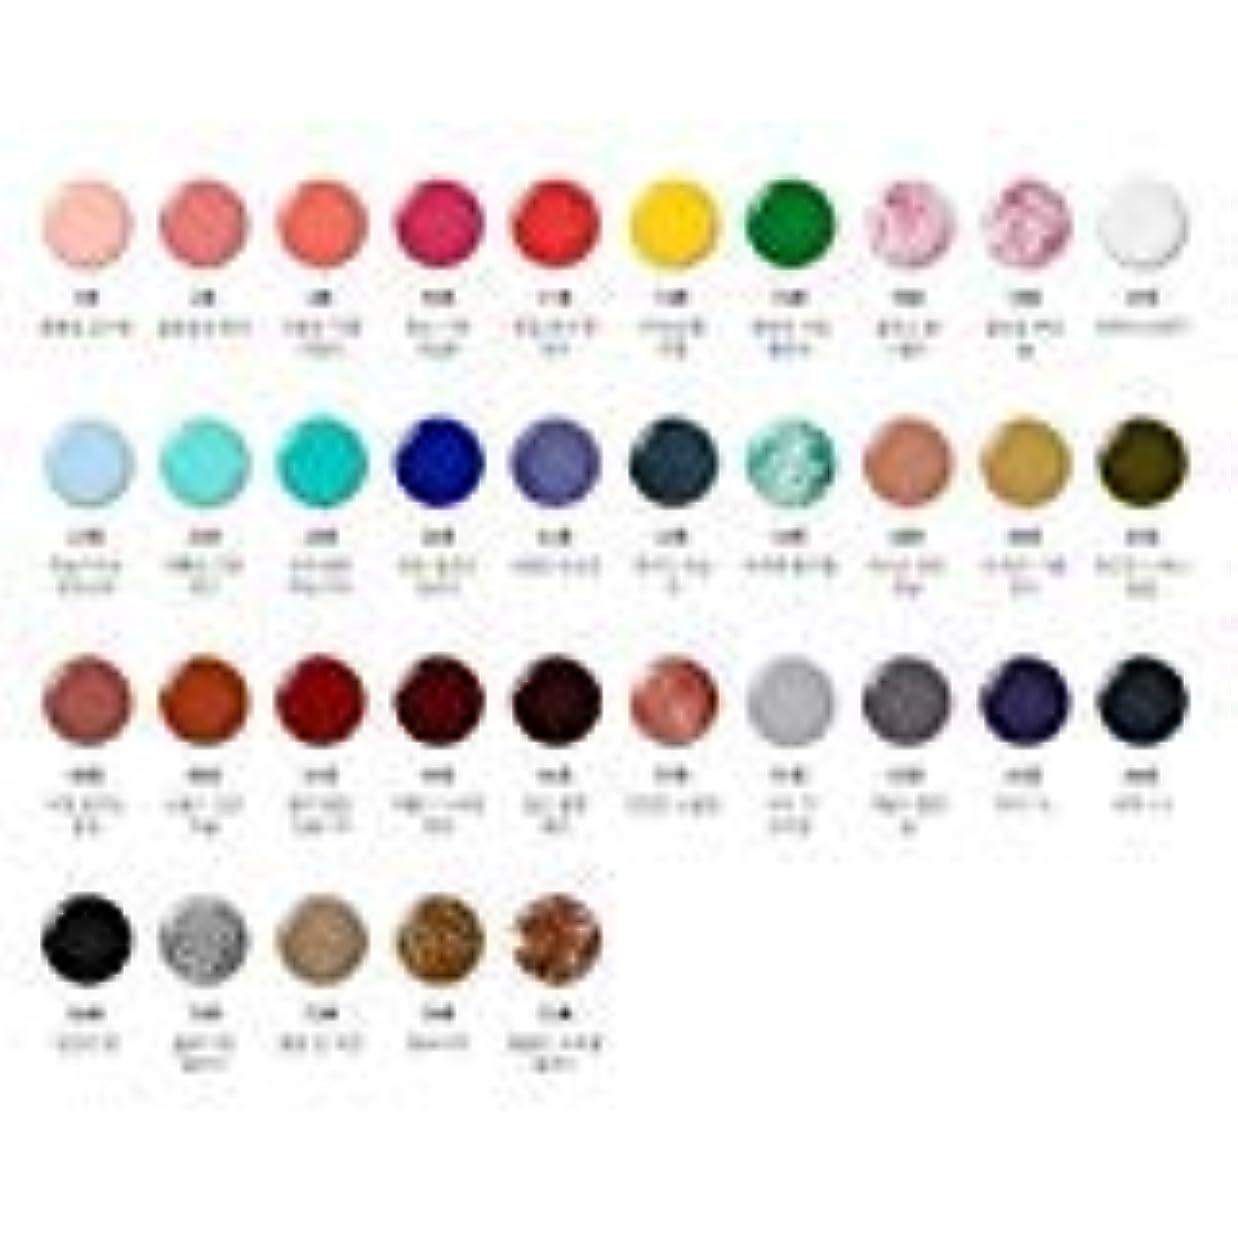 縫うくびれた概要[イニスフリー.innisfree]リアルカラーネイル6mL(2019 new)/ Real Color Nail_美しい自然からインスピレーションを受けた鮮やかなカラー感の高発色高光沢ネイルカラー (#47)